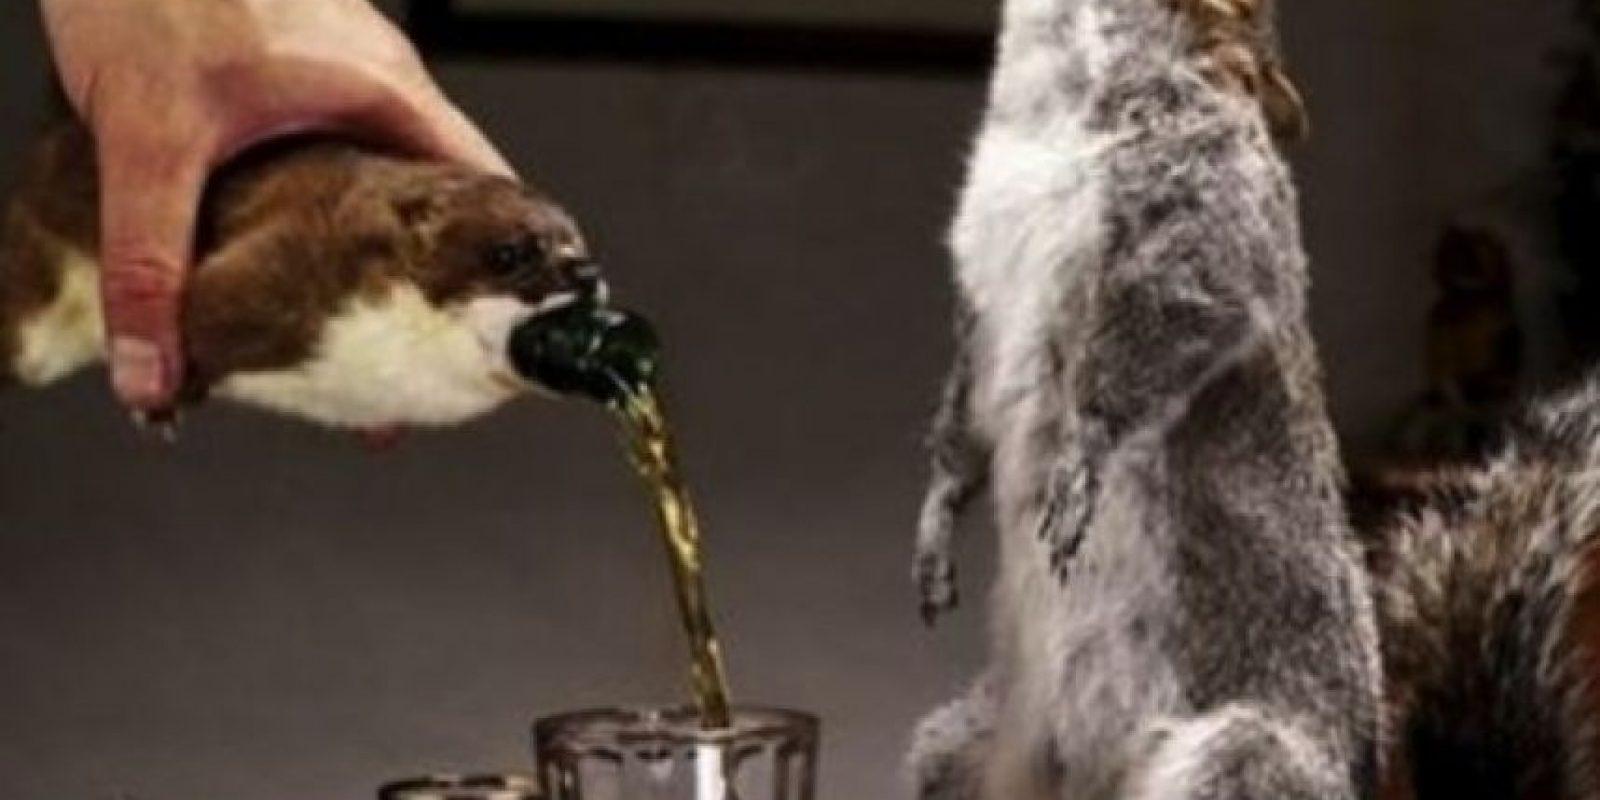 Cerveza de ardilla. Tiene 55 por ciento de alcohol y cuesta 765 dólares. La botella contenedora es una ardilla disecada